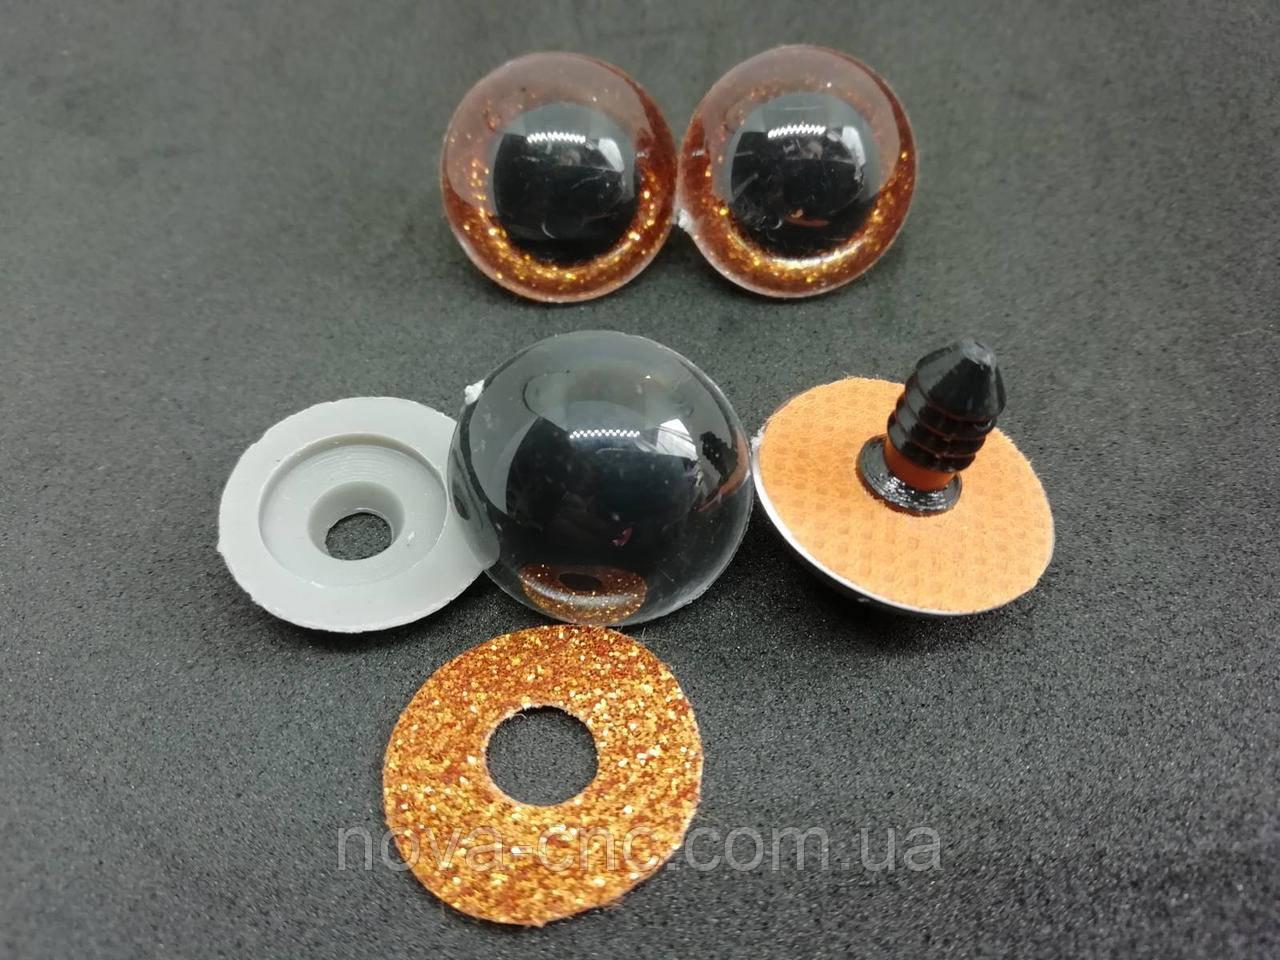 Глазки Акриловые для игрушек с глитерной цветной подложкой и пластиковым крепежом 20 мм Цвет оранжевый